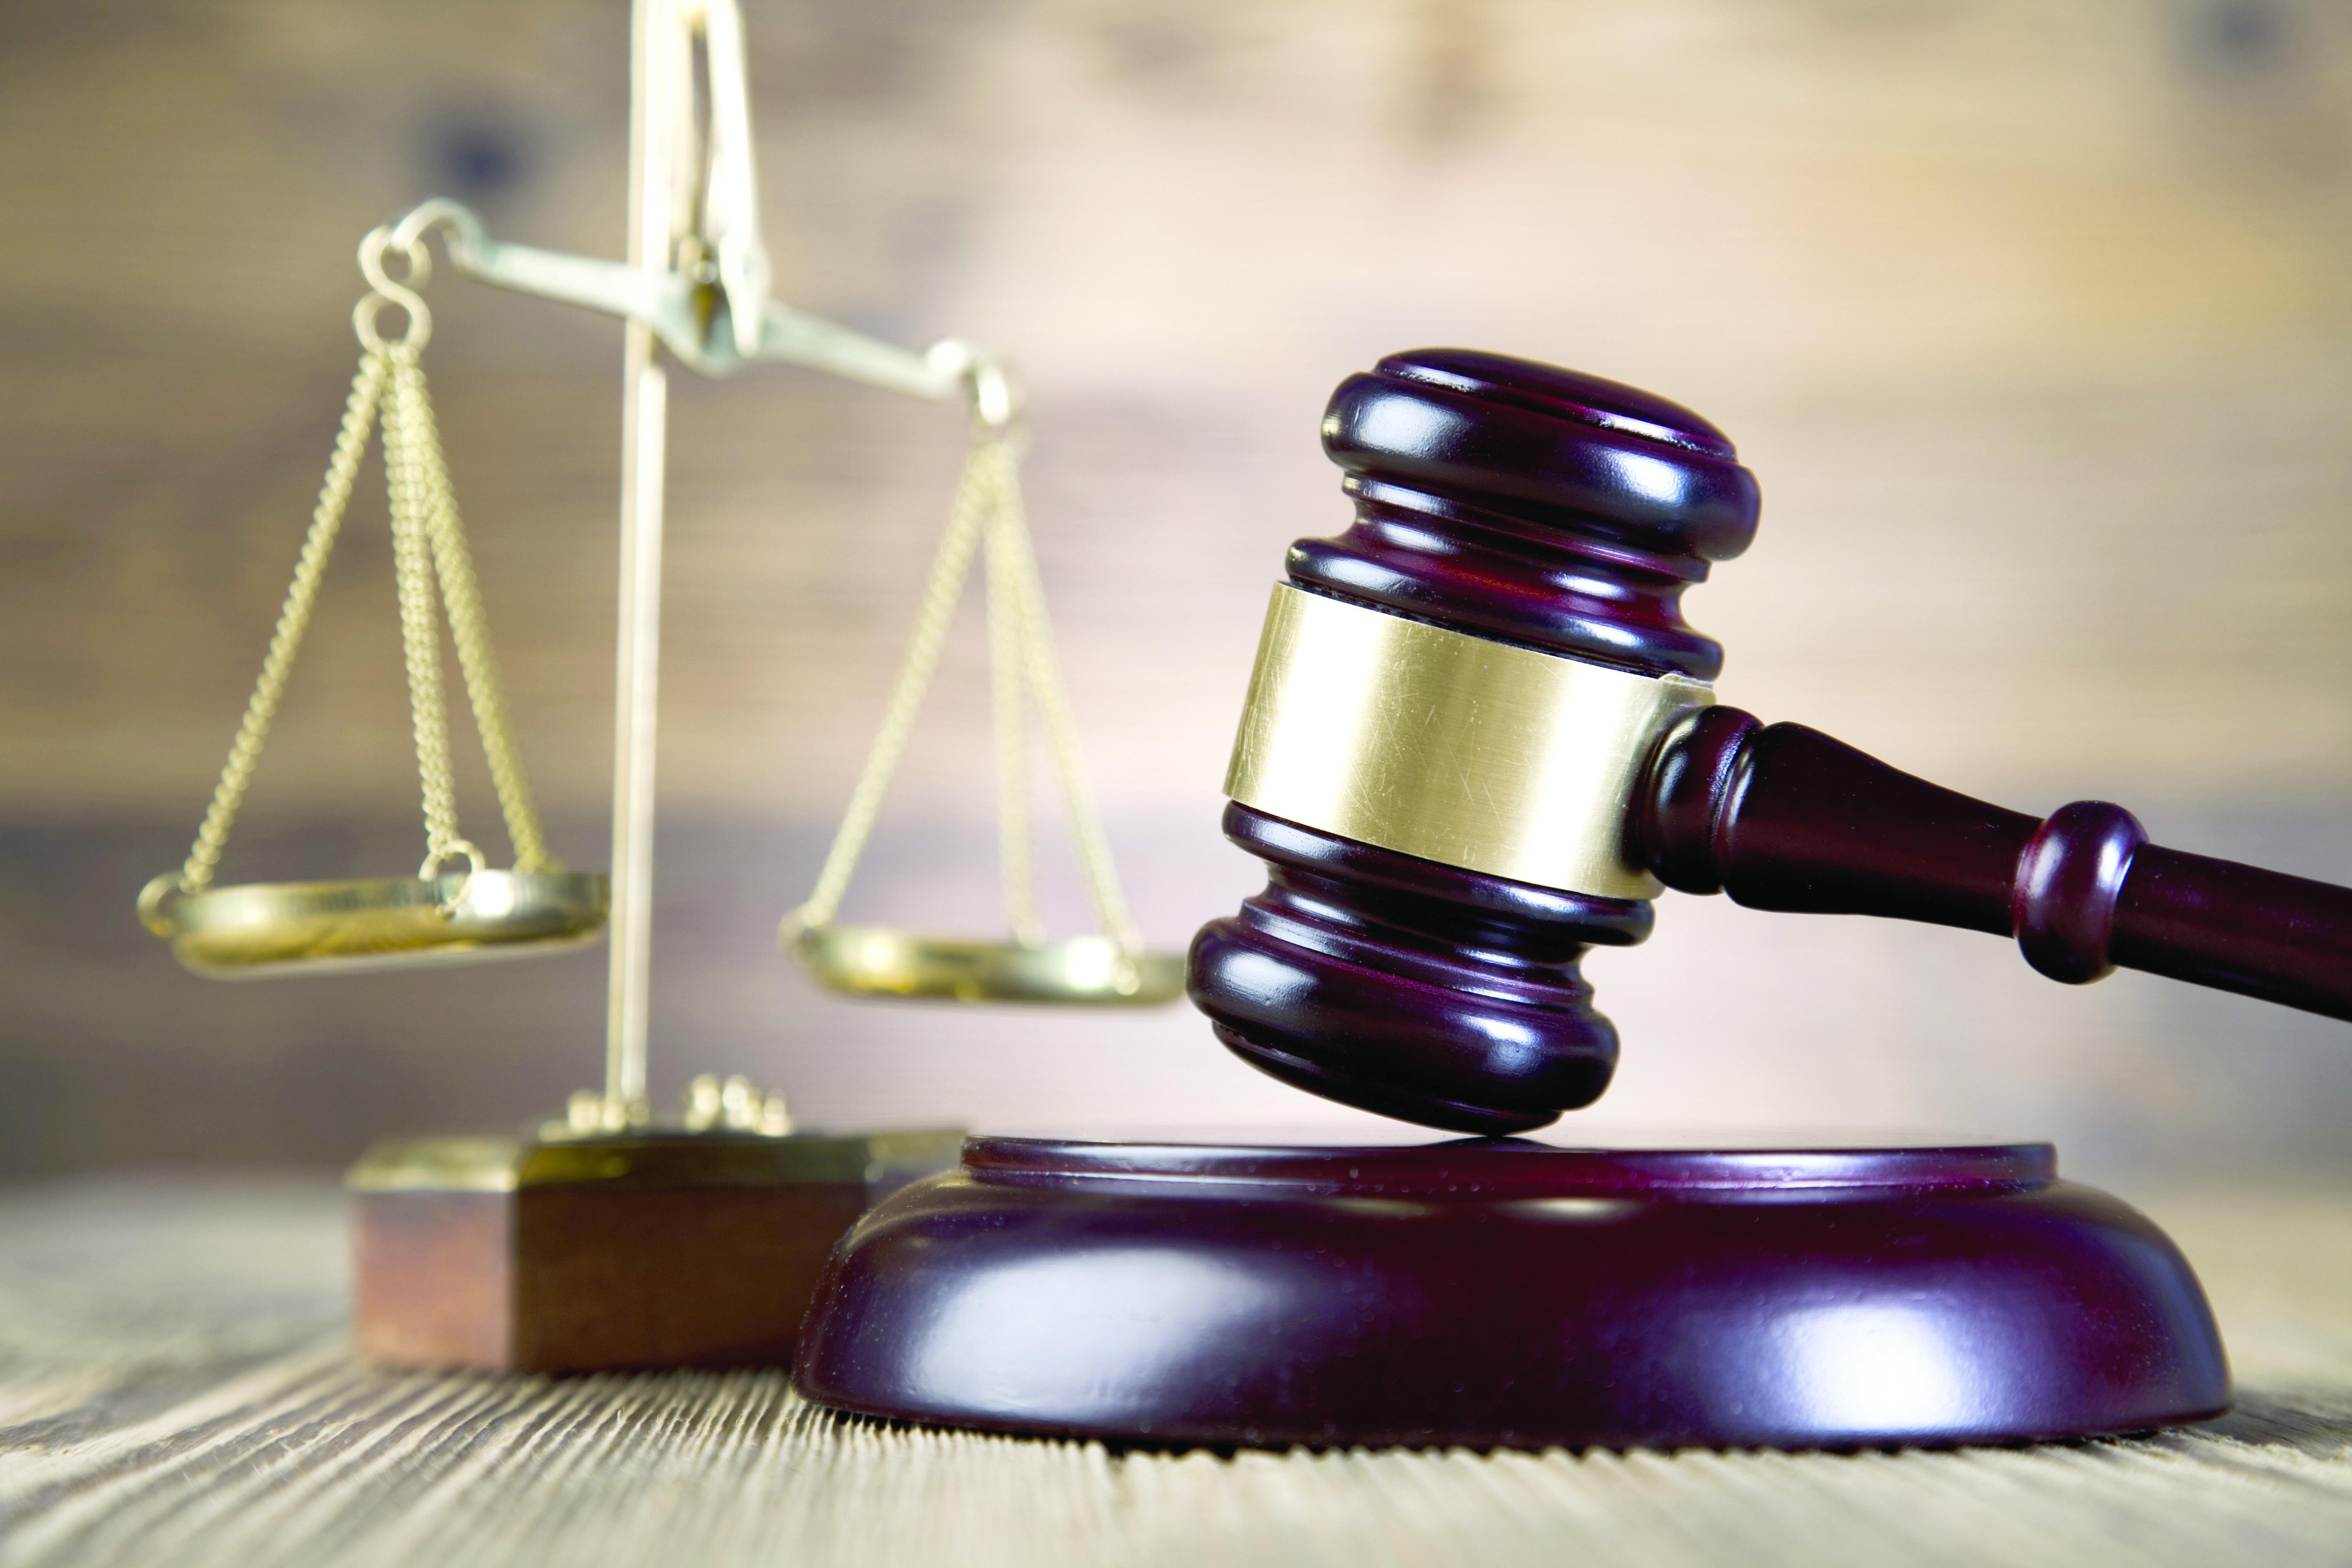 الاختبار بين الحقوق والواجبات